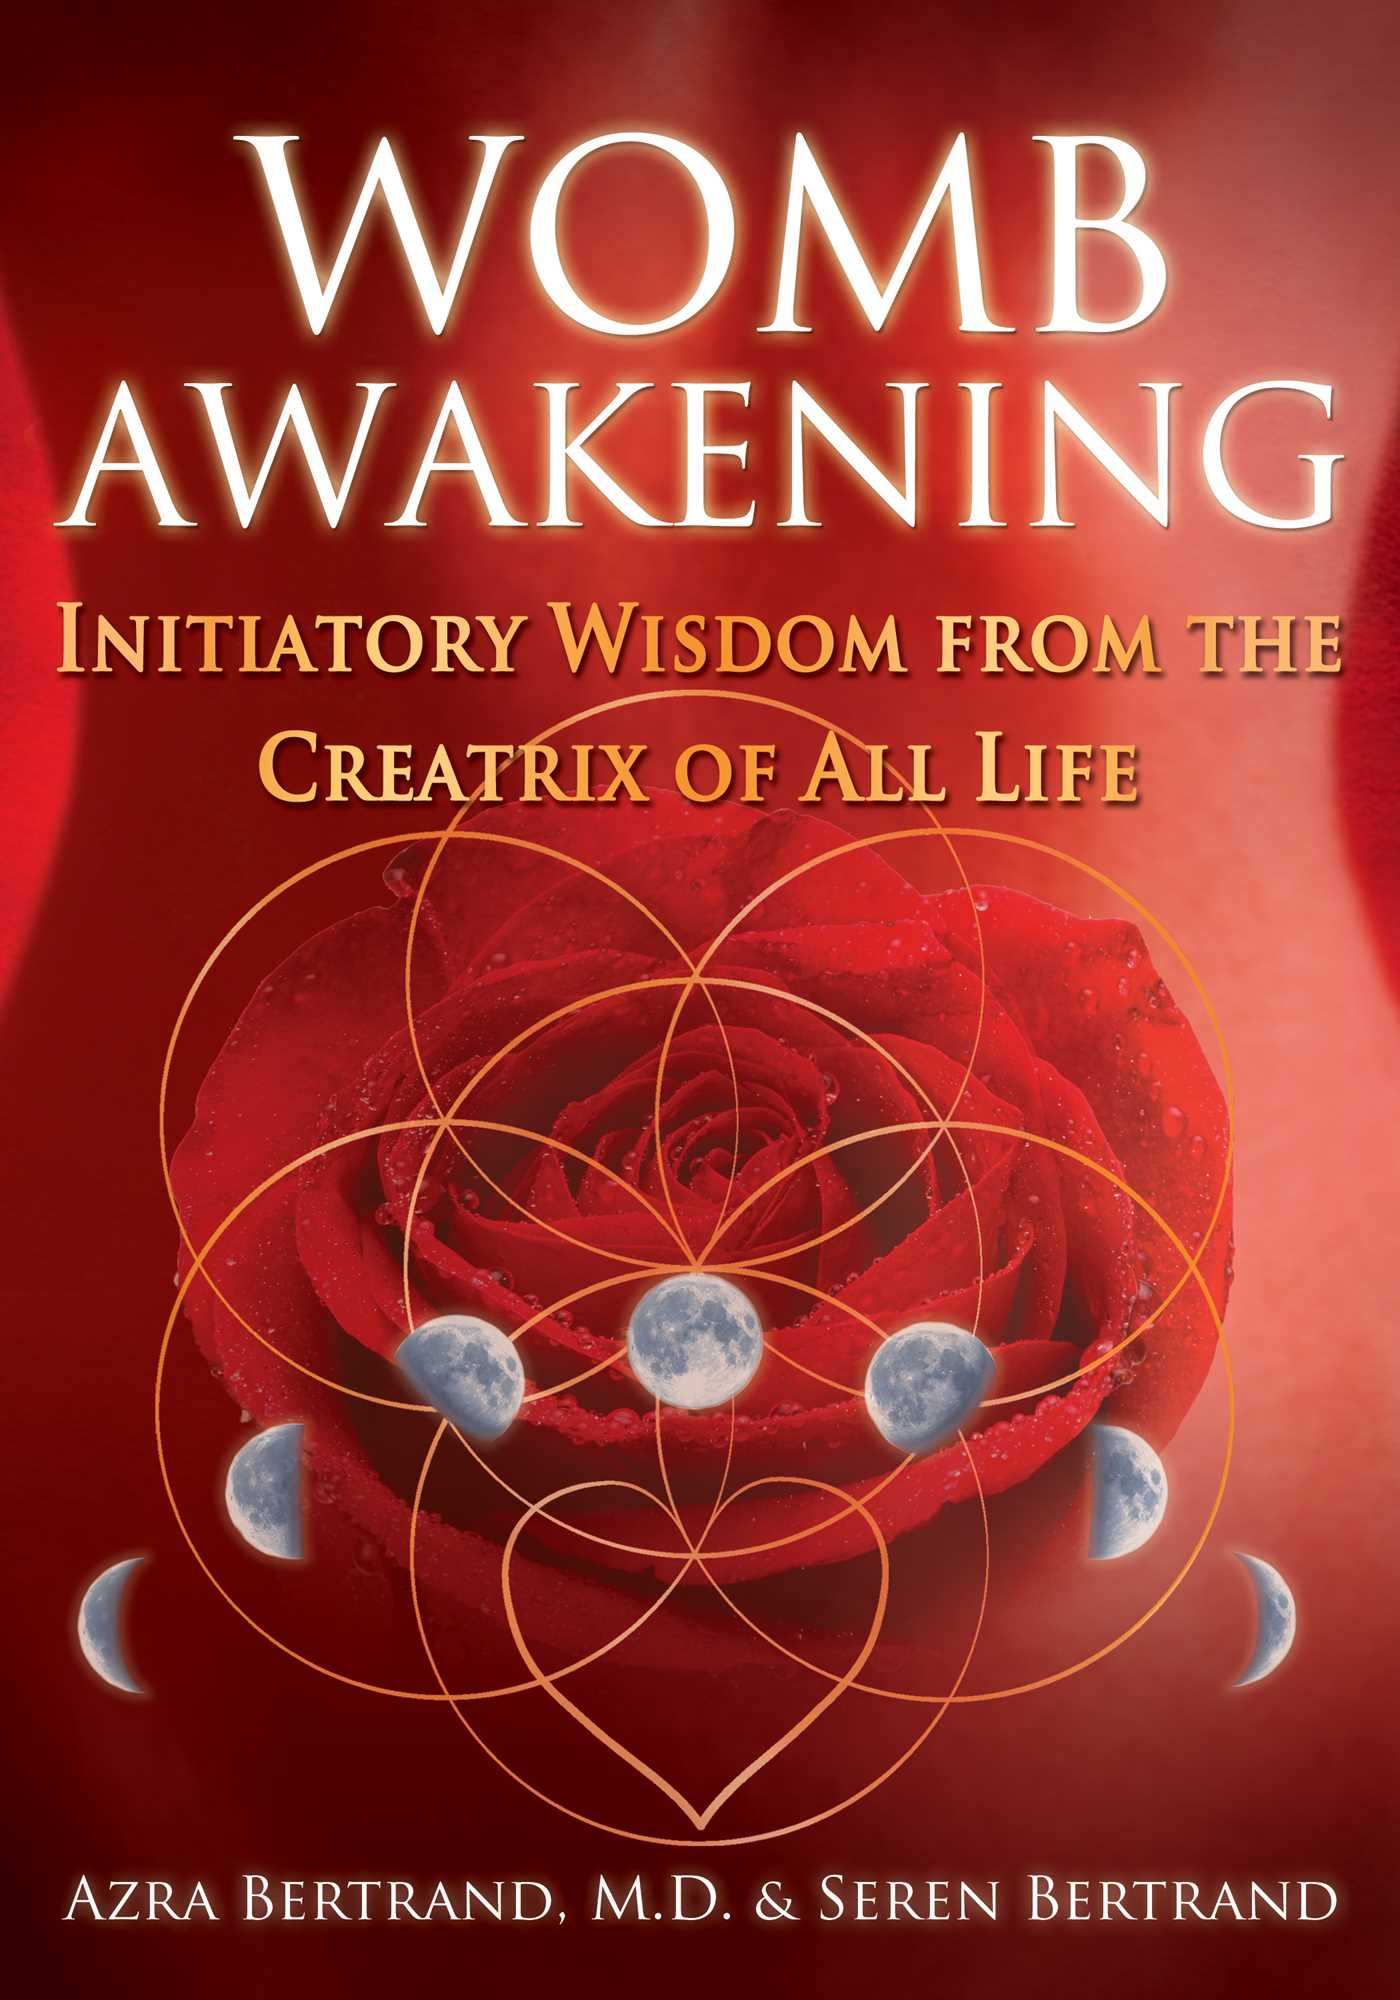 Womb awakening 9781591432791 hr